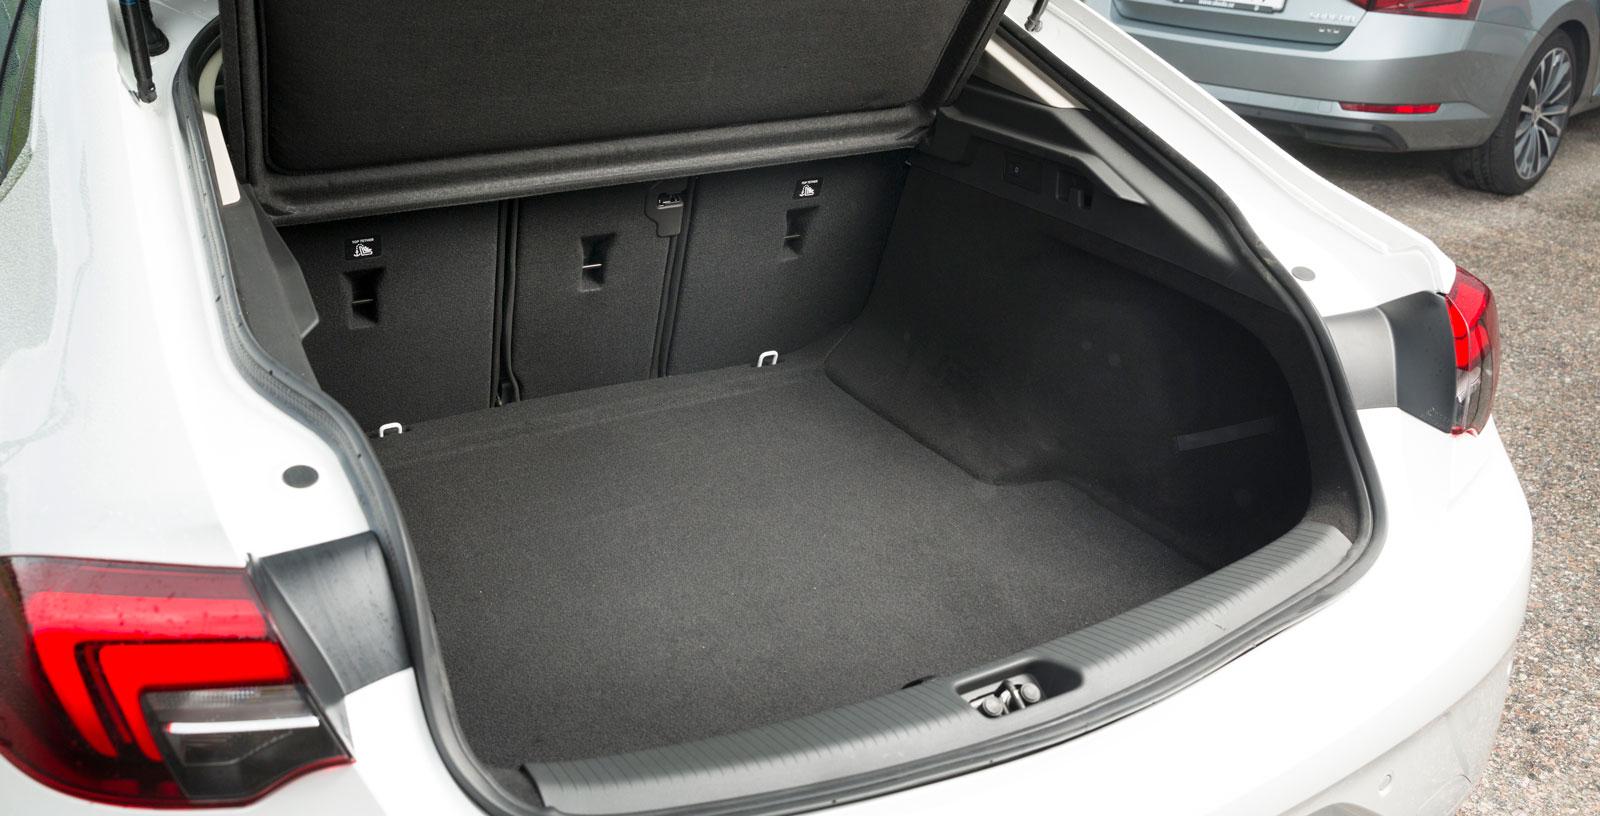 Insignias lasttröskel är irriterande hög (76 cm) och bagagekapaciteten med uppfällt baksäte är sämst i test. Men flexibiliteten är bra tack vare det tredelade ryggstödet, som dessutom kan fällas elektriskt från lastutrymmet (tillval för 1900 kr). Dubbla kasskrokar och ett 12 V-uttag är standard.